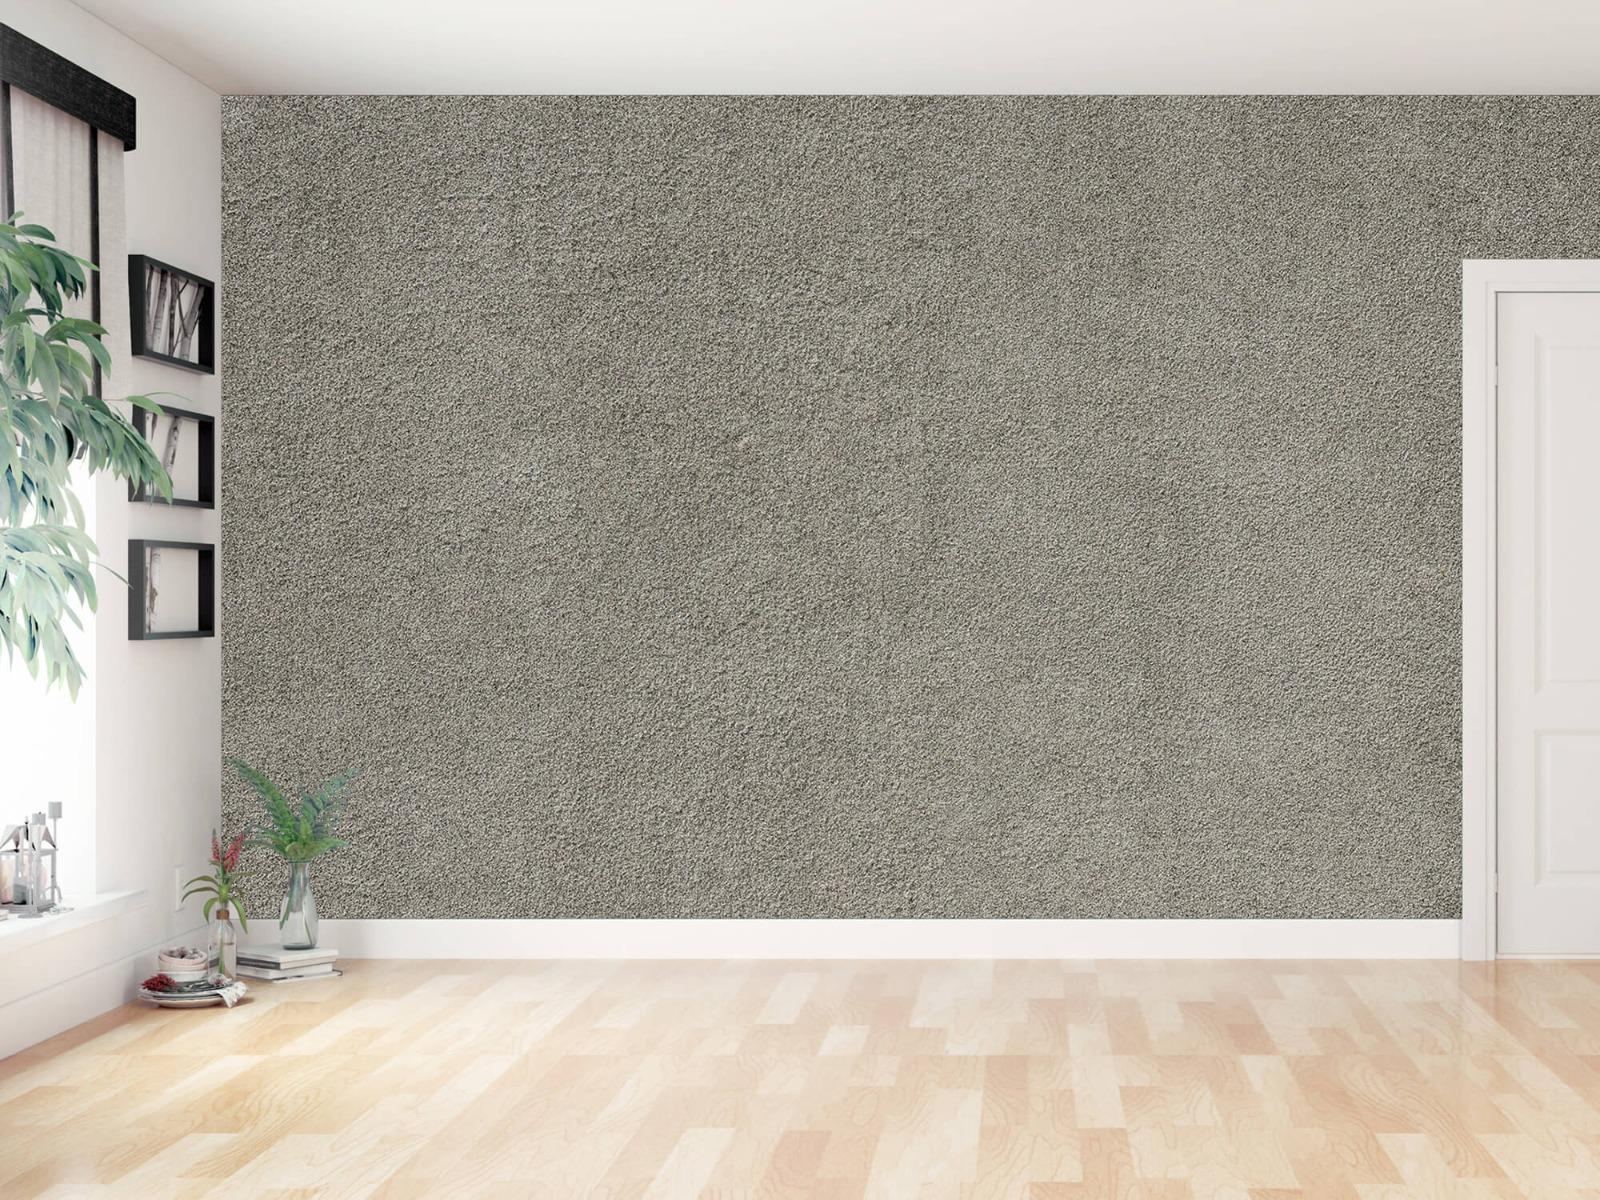 Betonlook behang - Betonnen muur met fijne steentjes - Kantoor 11